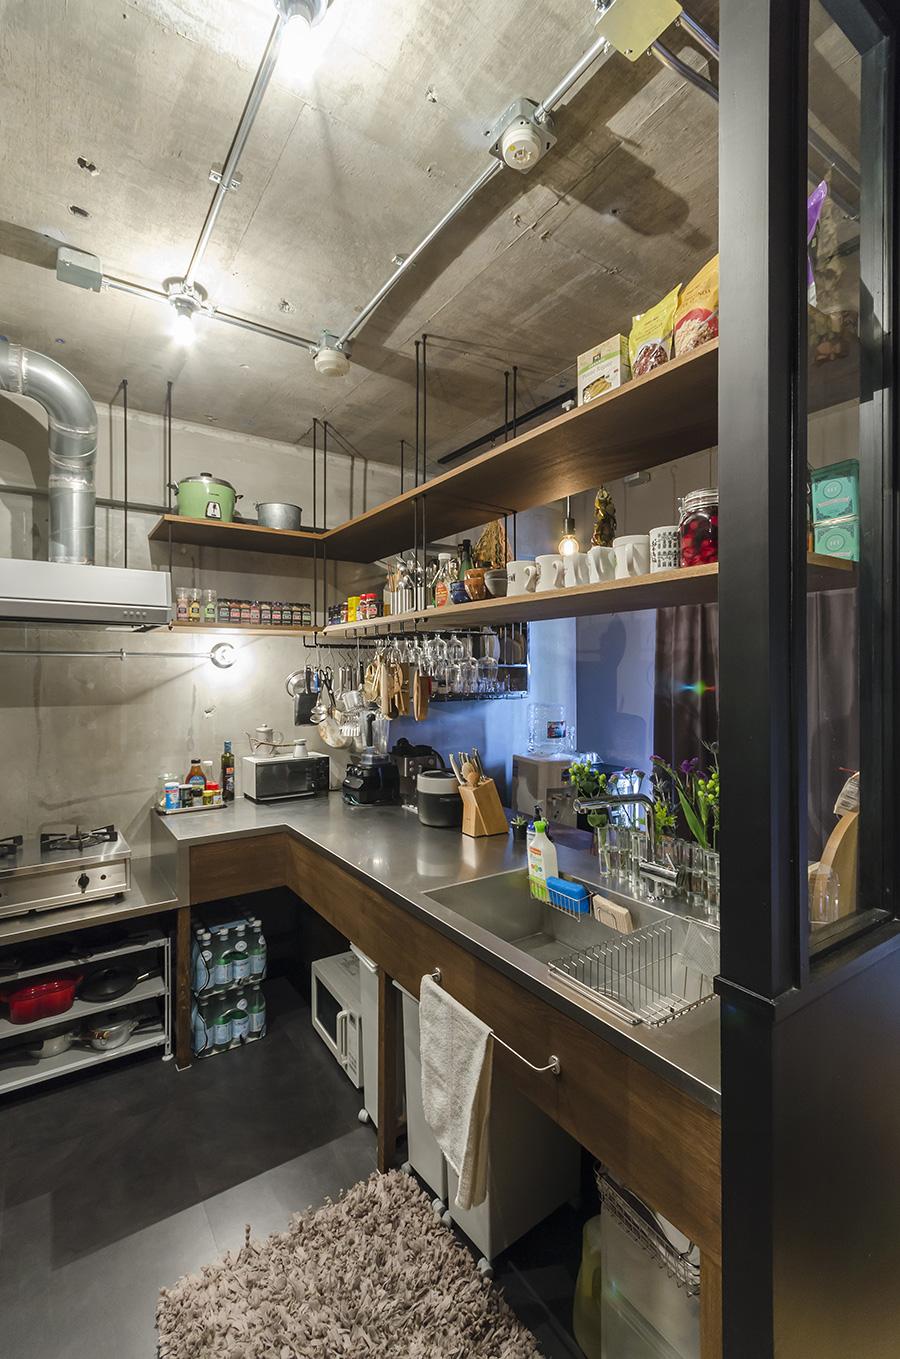 思いっきり中華鍋もふるえるL字型の広いキッチン。